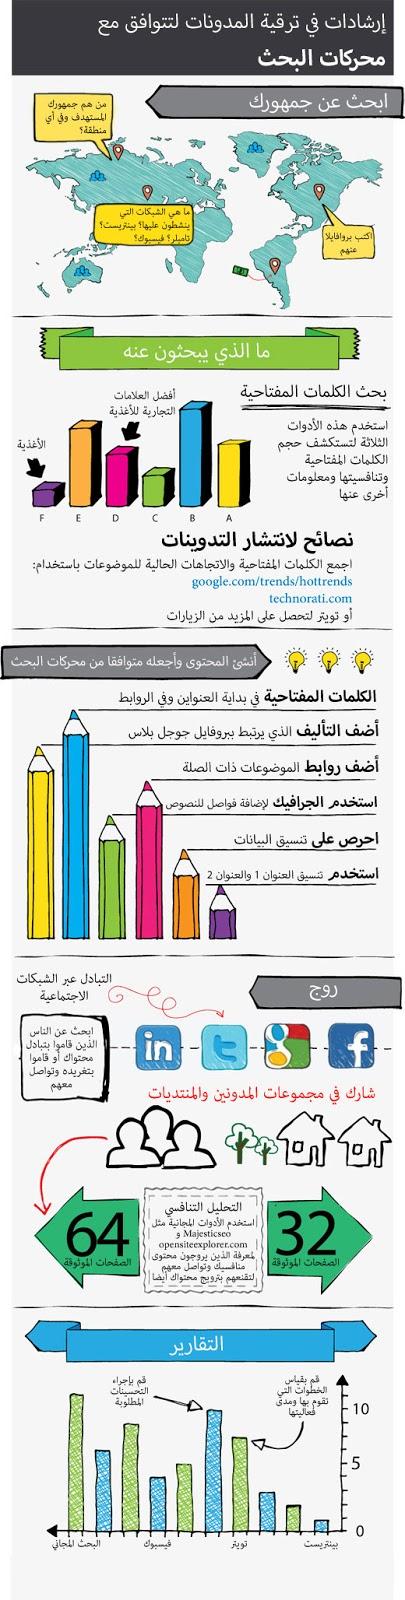 انفوجرافيك سيو - التوافق مع محركات البحث